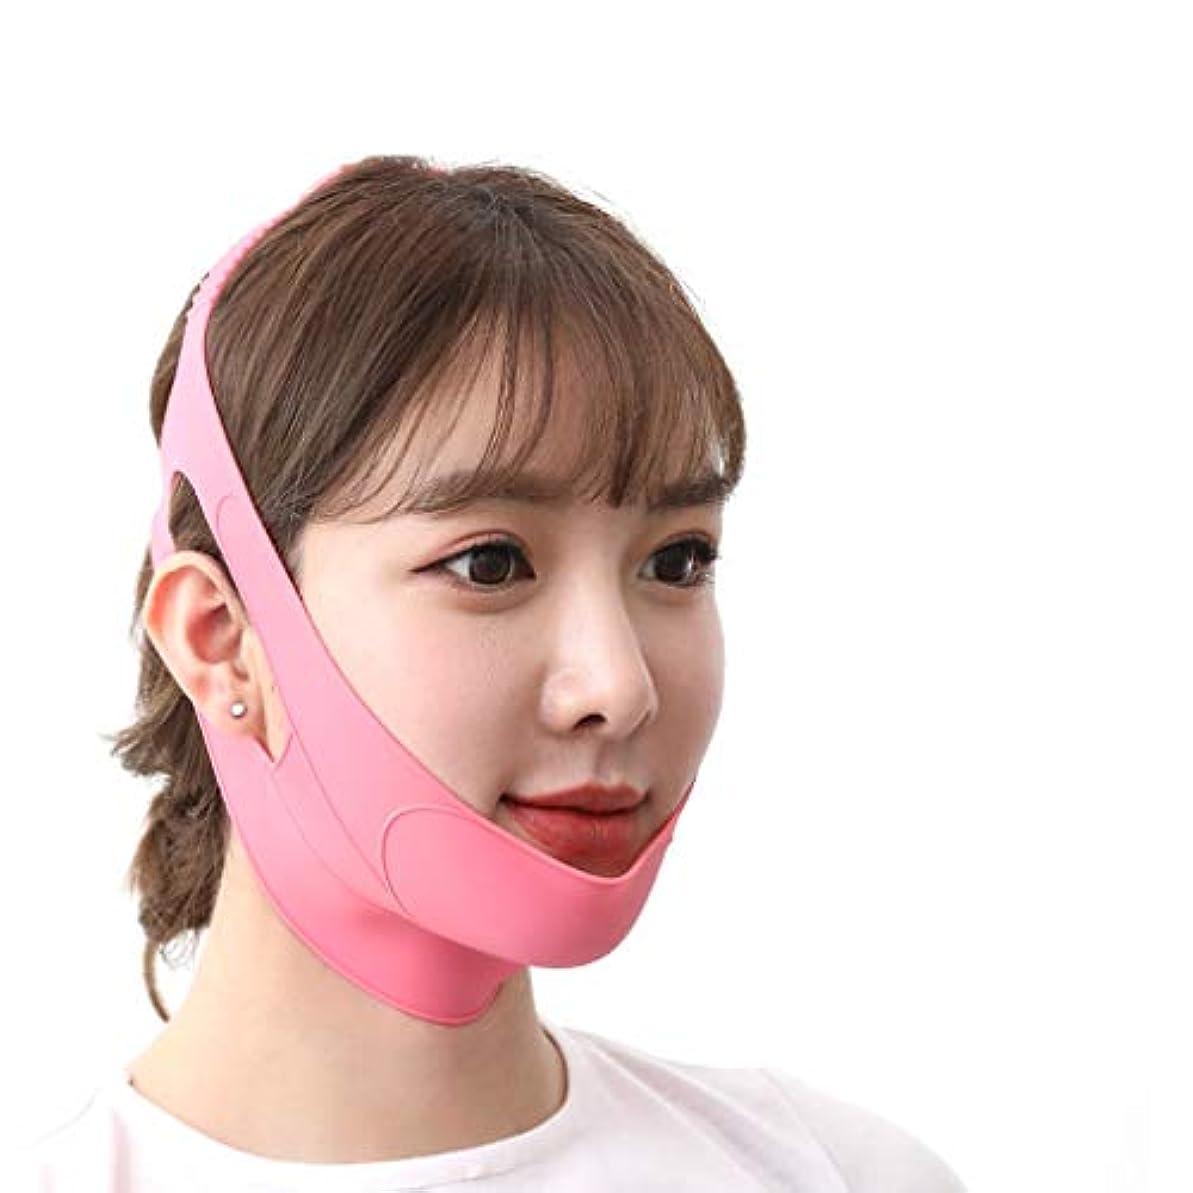 突撃コート入場料Jia He 軽量 薄い顔ベルト、通気性のVフェイスアーティファクトビーム整形顔ベルトとシリコーン顔リフティング包帯睡眠プル ## (Color : Pink)